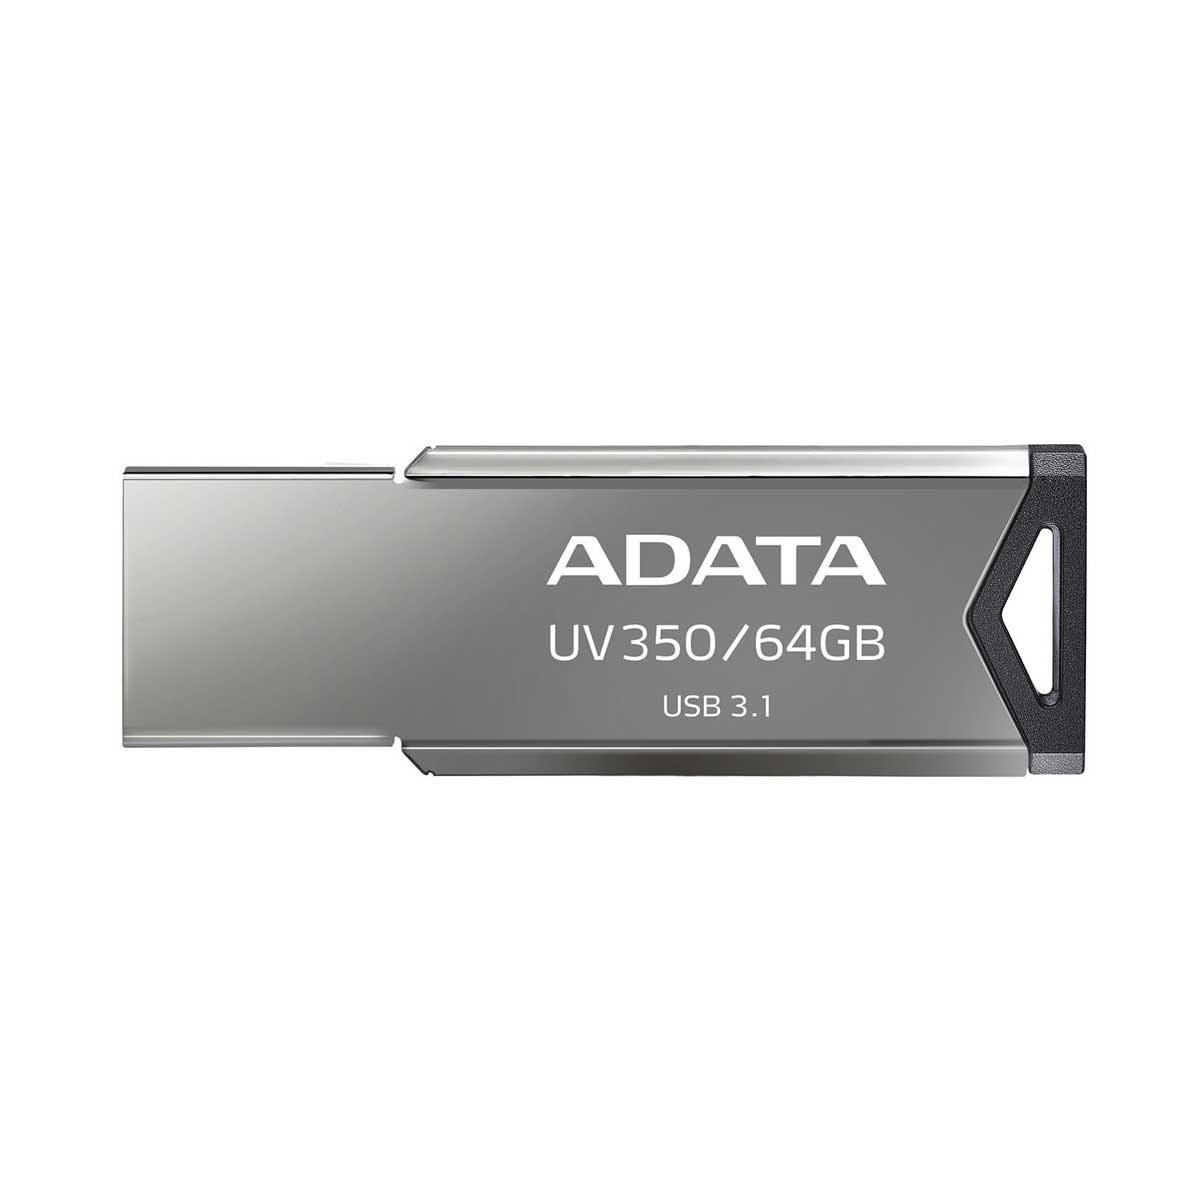 تصویر فلش مموری ۶۴ گیگابایت Adata مدل UV350 Adata UV350